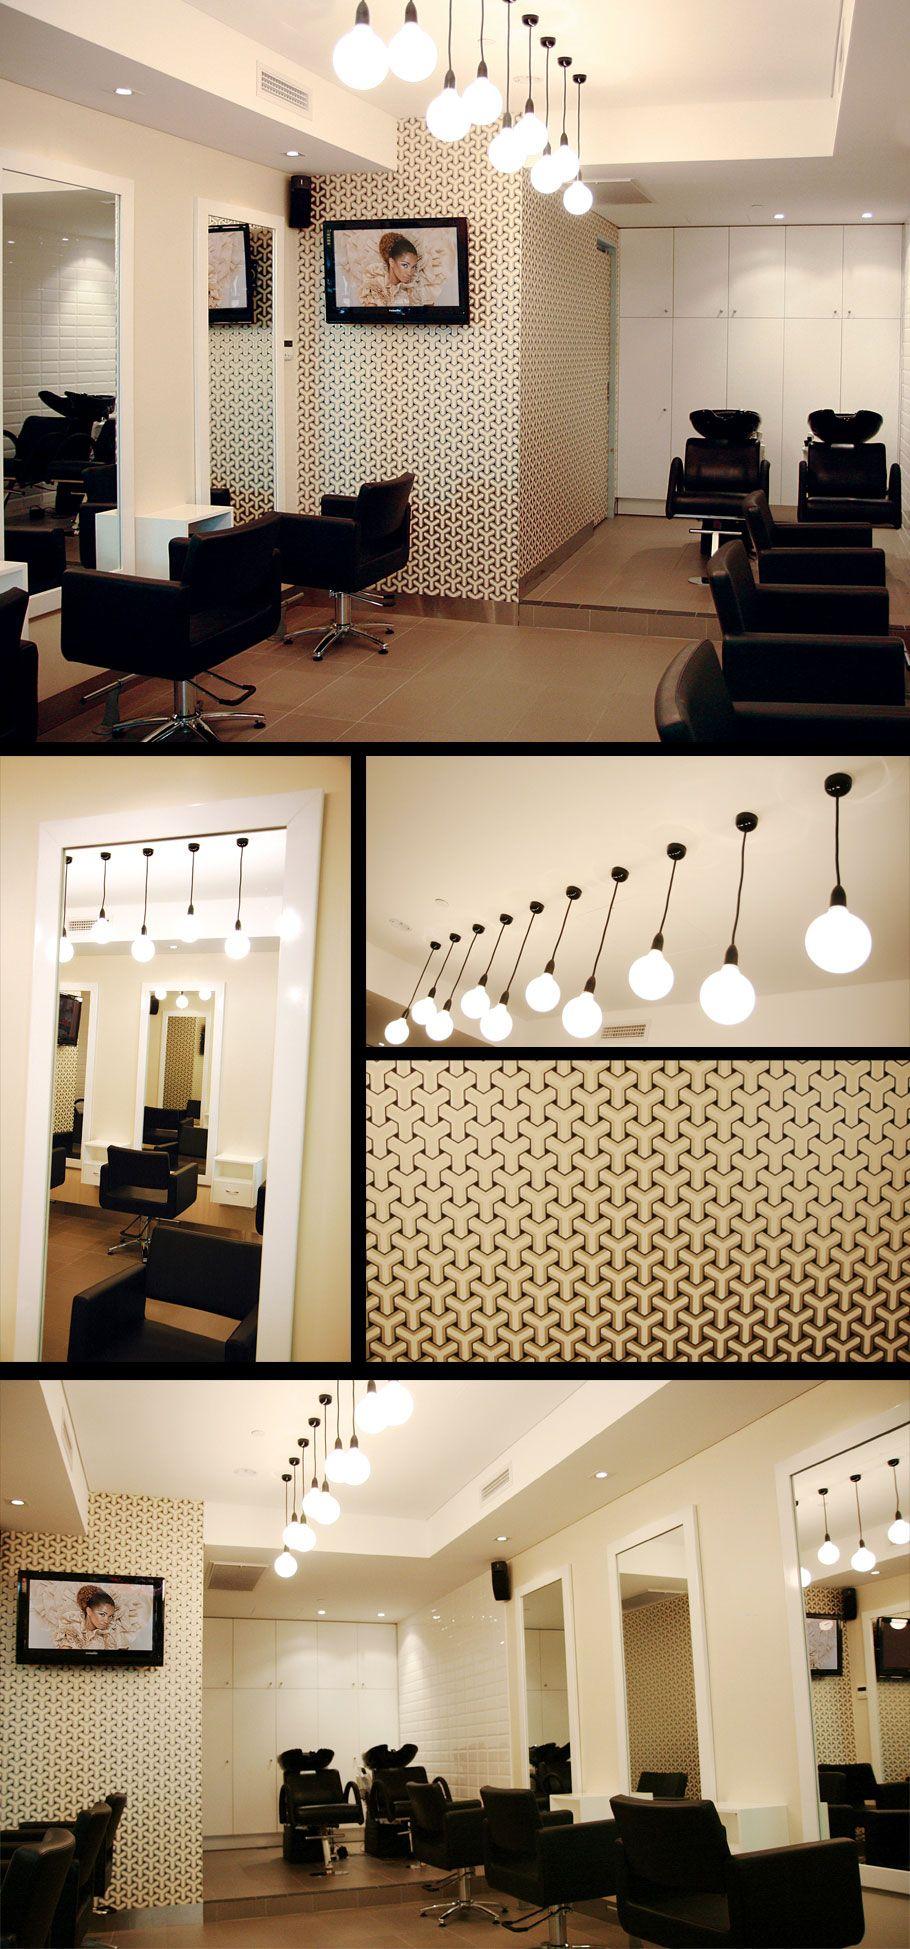 Gwyneth Black Hair Salon Chair My Dream Spa Salons Hair Salon